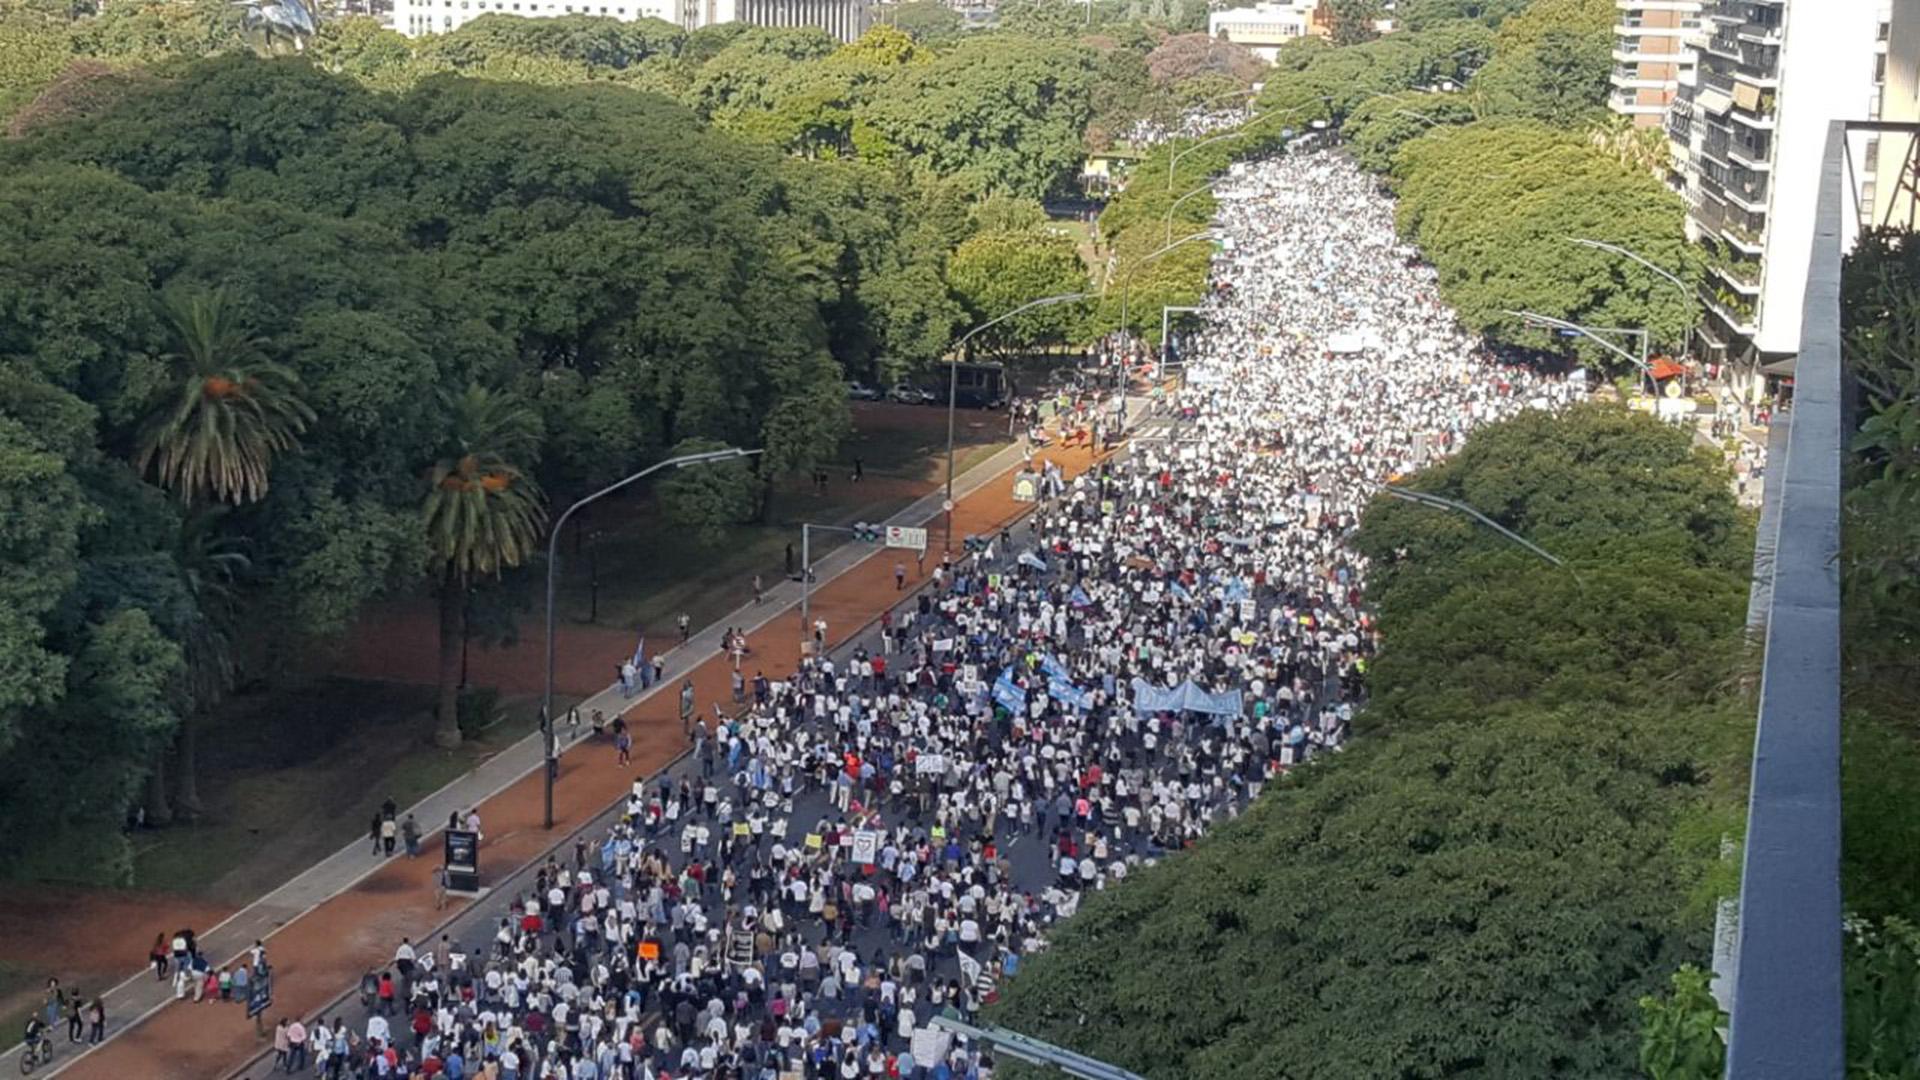 Palermo: la marcha en contra del aborto y a favor de la vida del 25 de marzo pasado